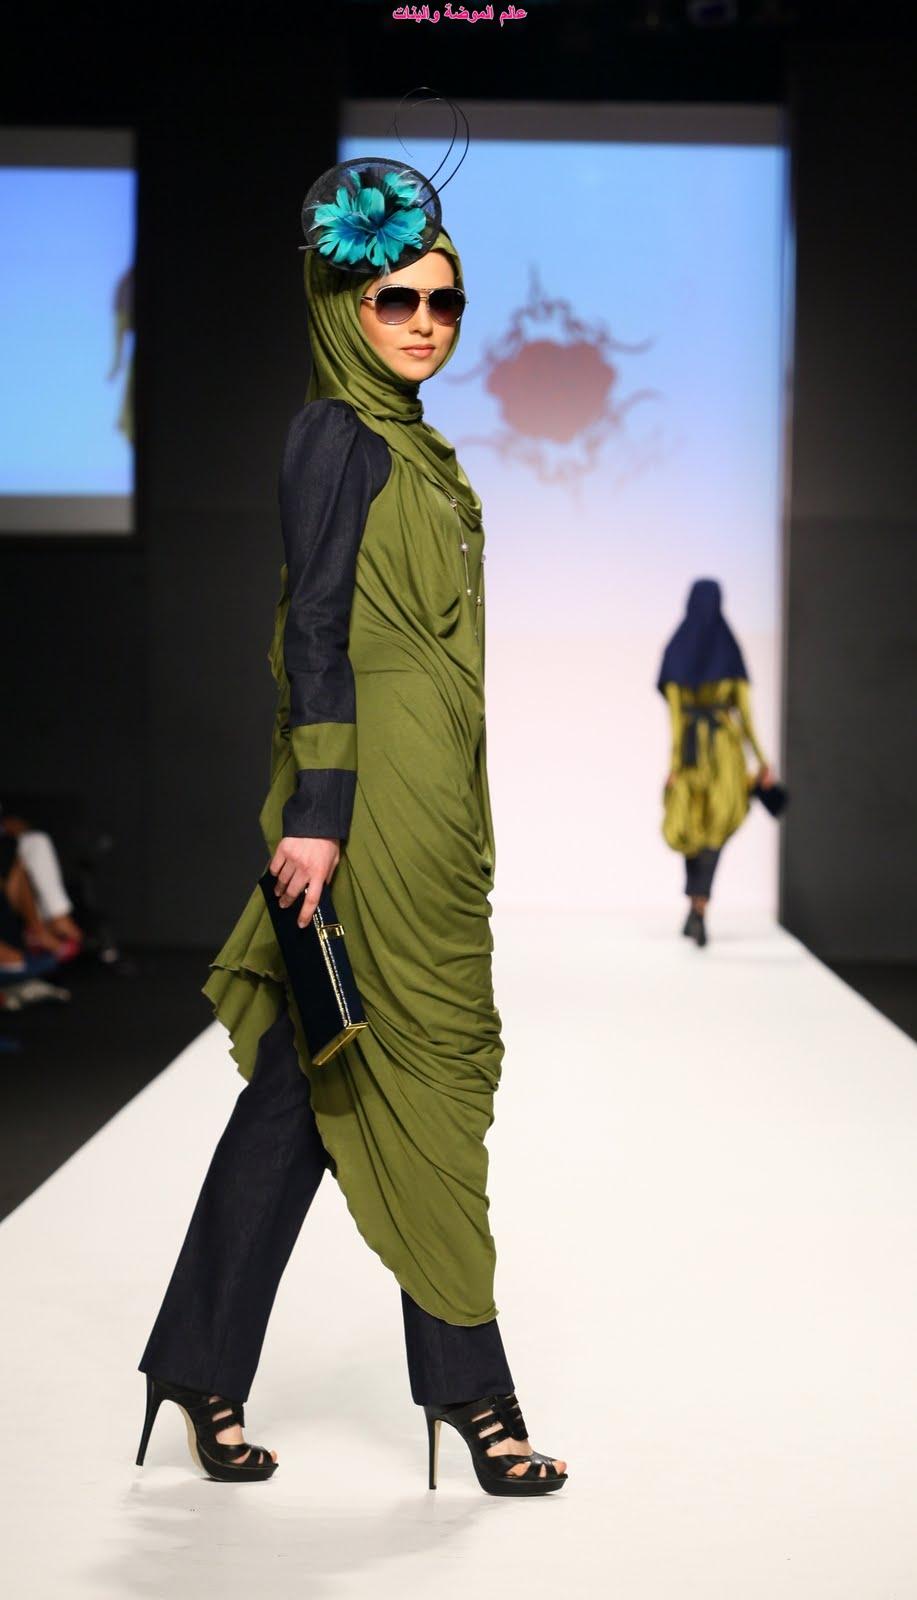 ملابس محجبات 2012 اشيك ازياء محجبات 2012 5bf5289b2eac